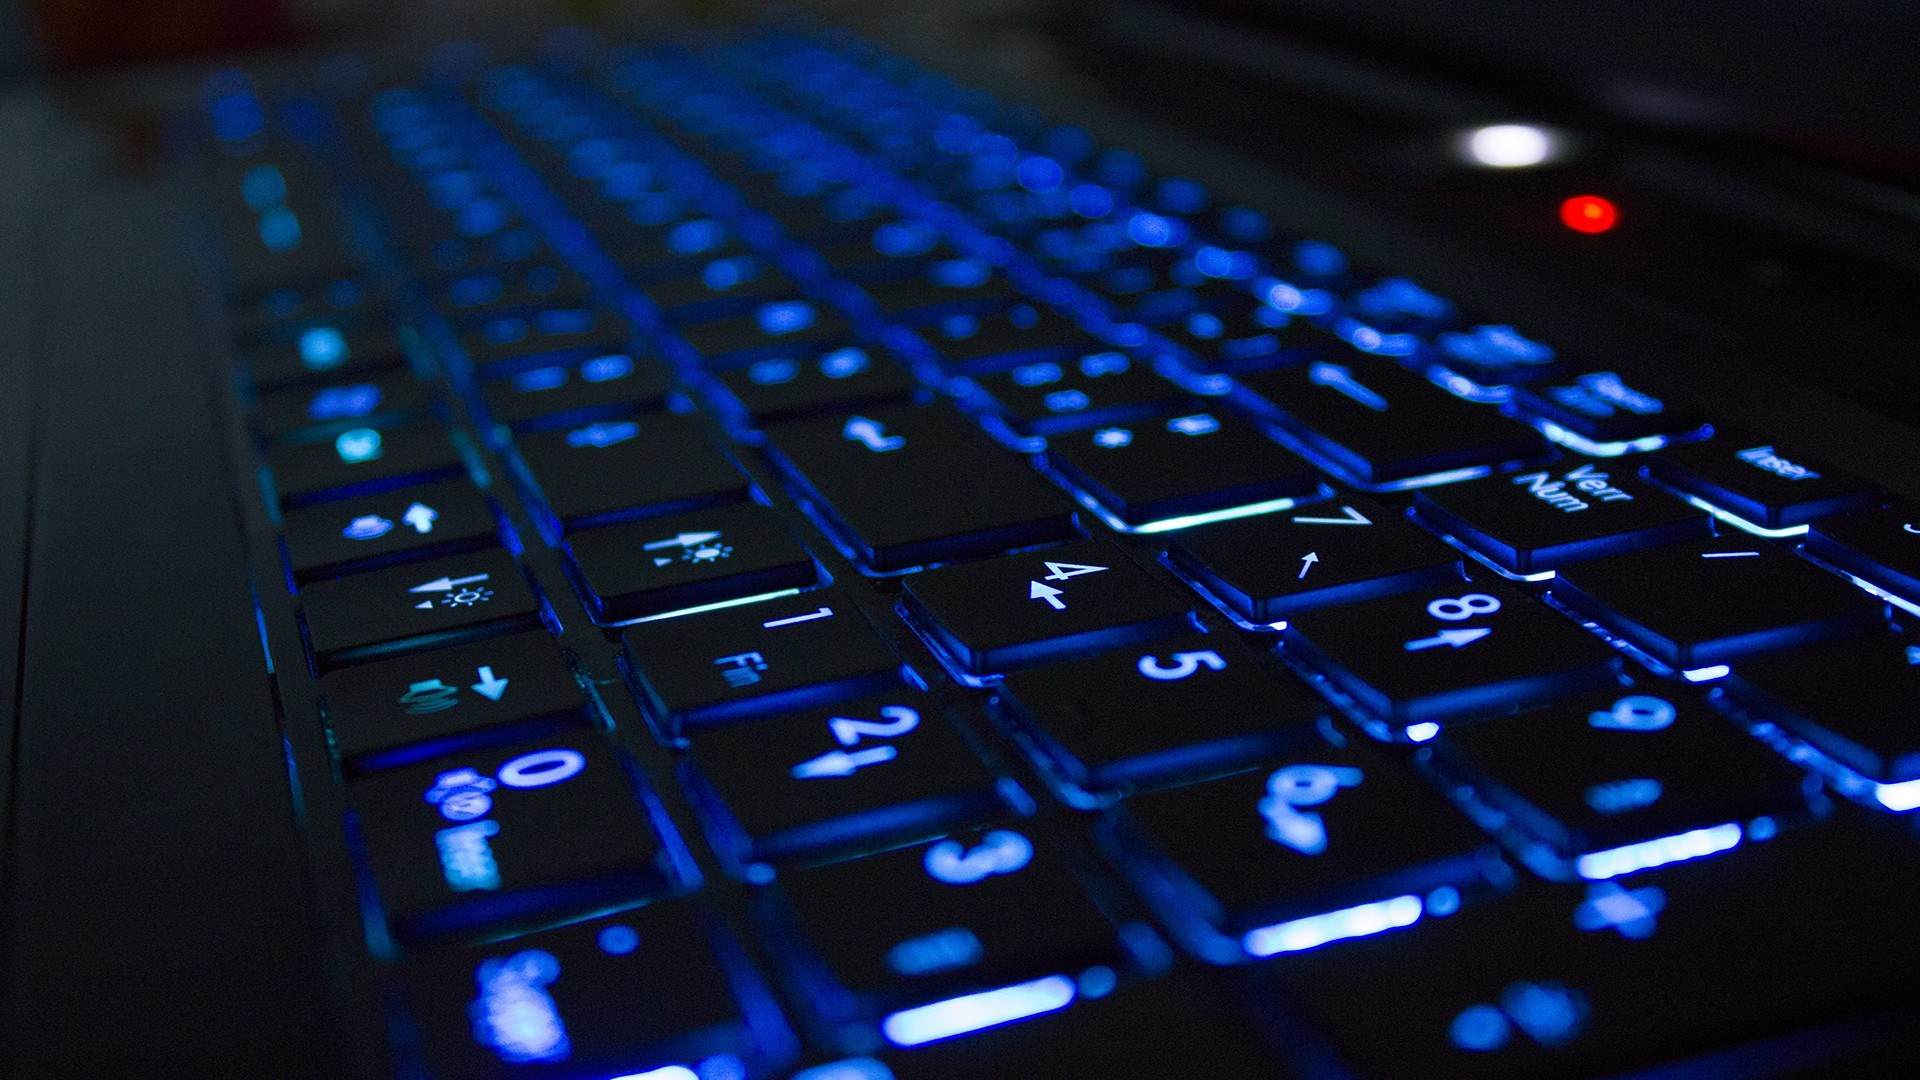 haute technologiefonds d'écran hd clavier haute technologie